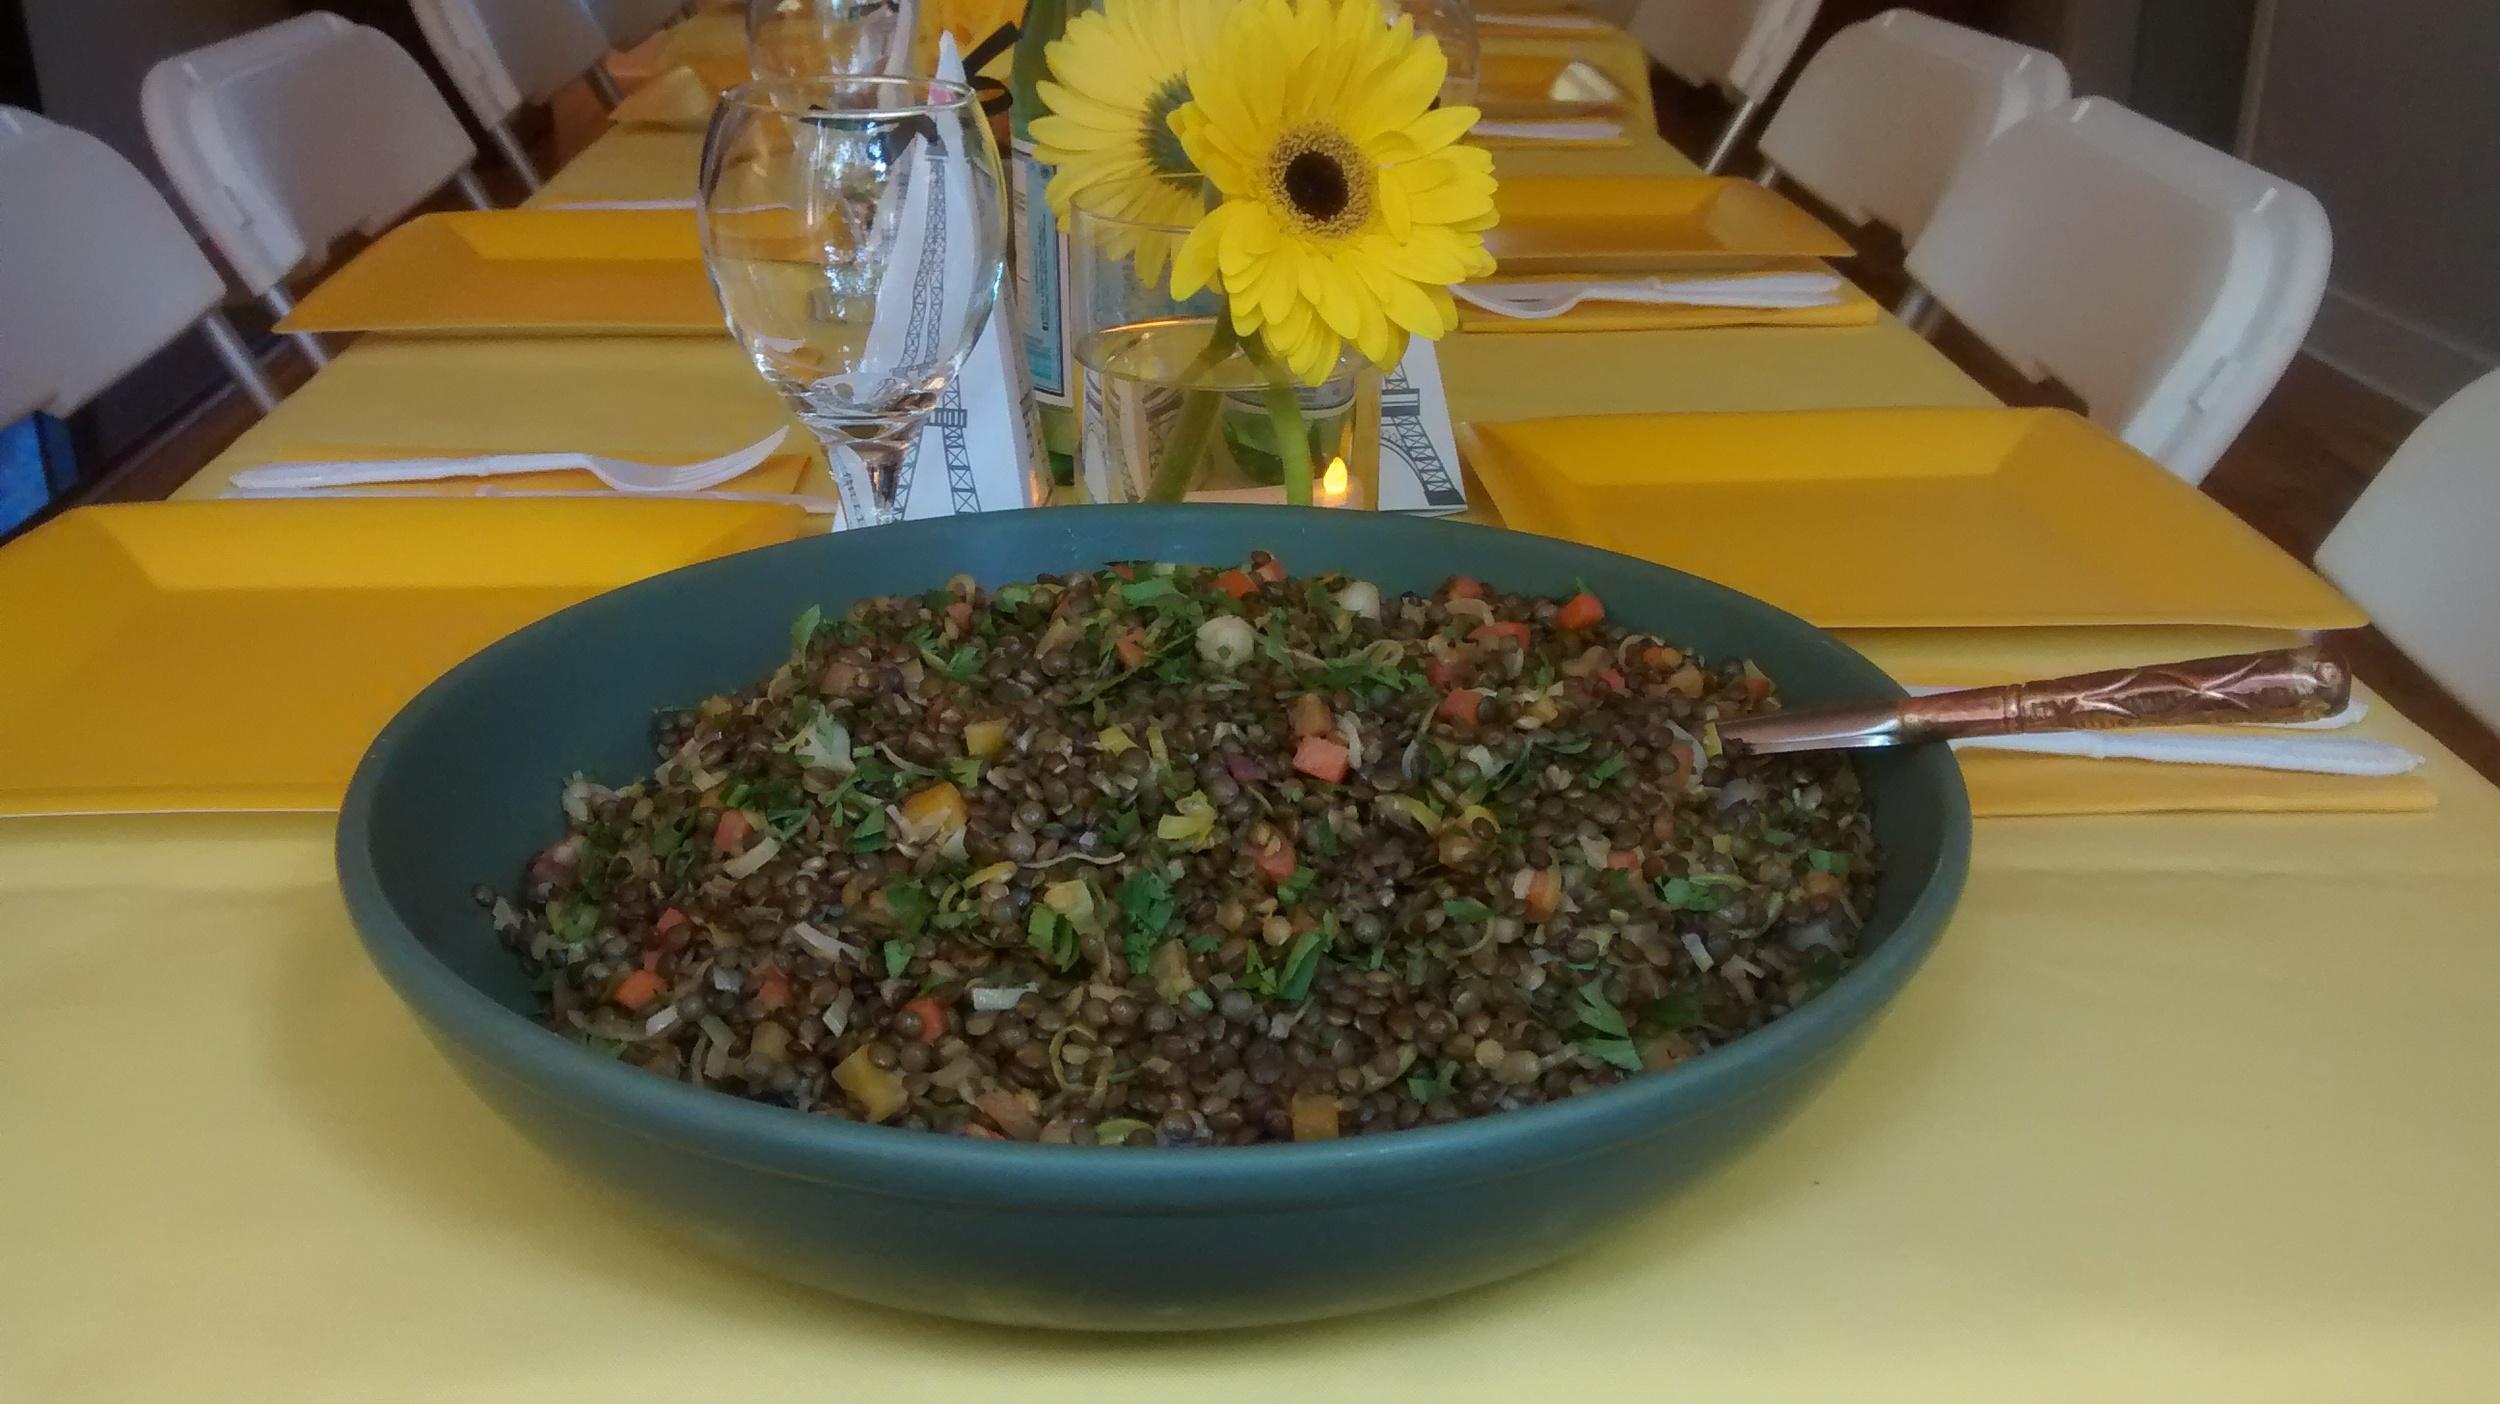 Puy lentil salad with Dijon dressing